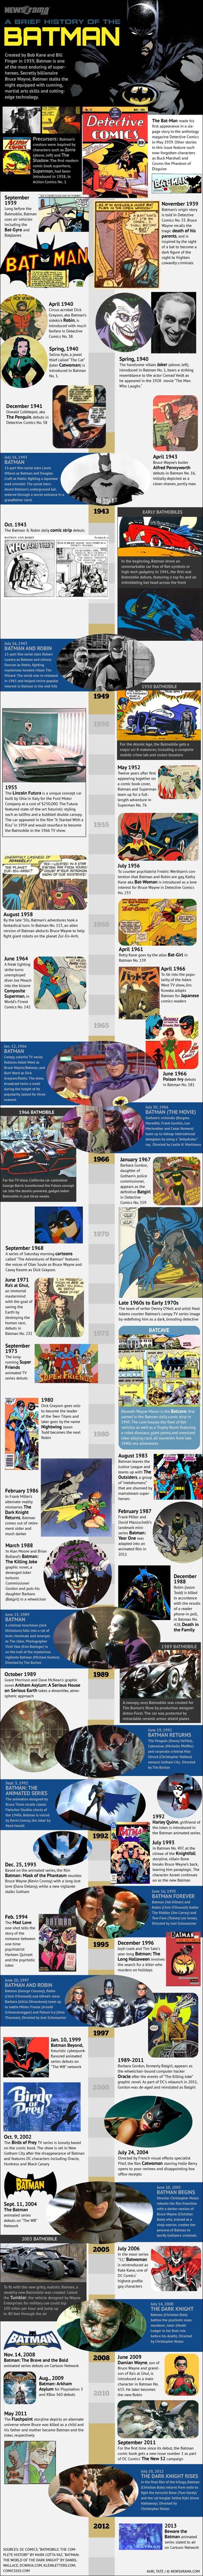 75 ans de l'histoire de #Batman en une #infographie